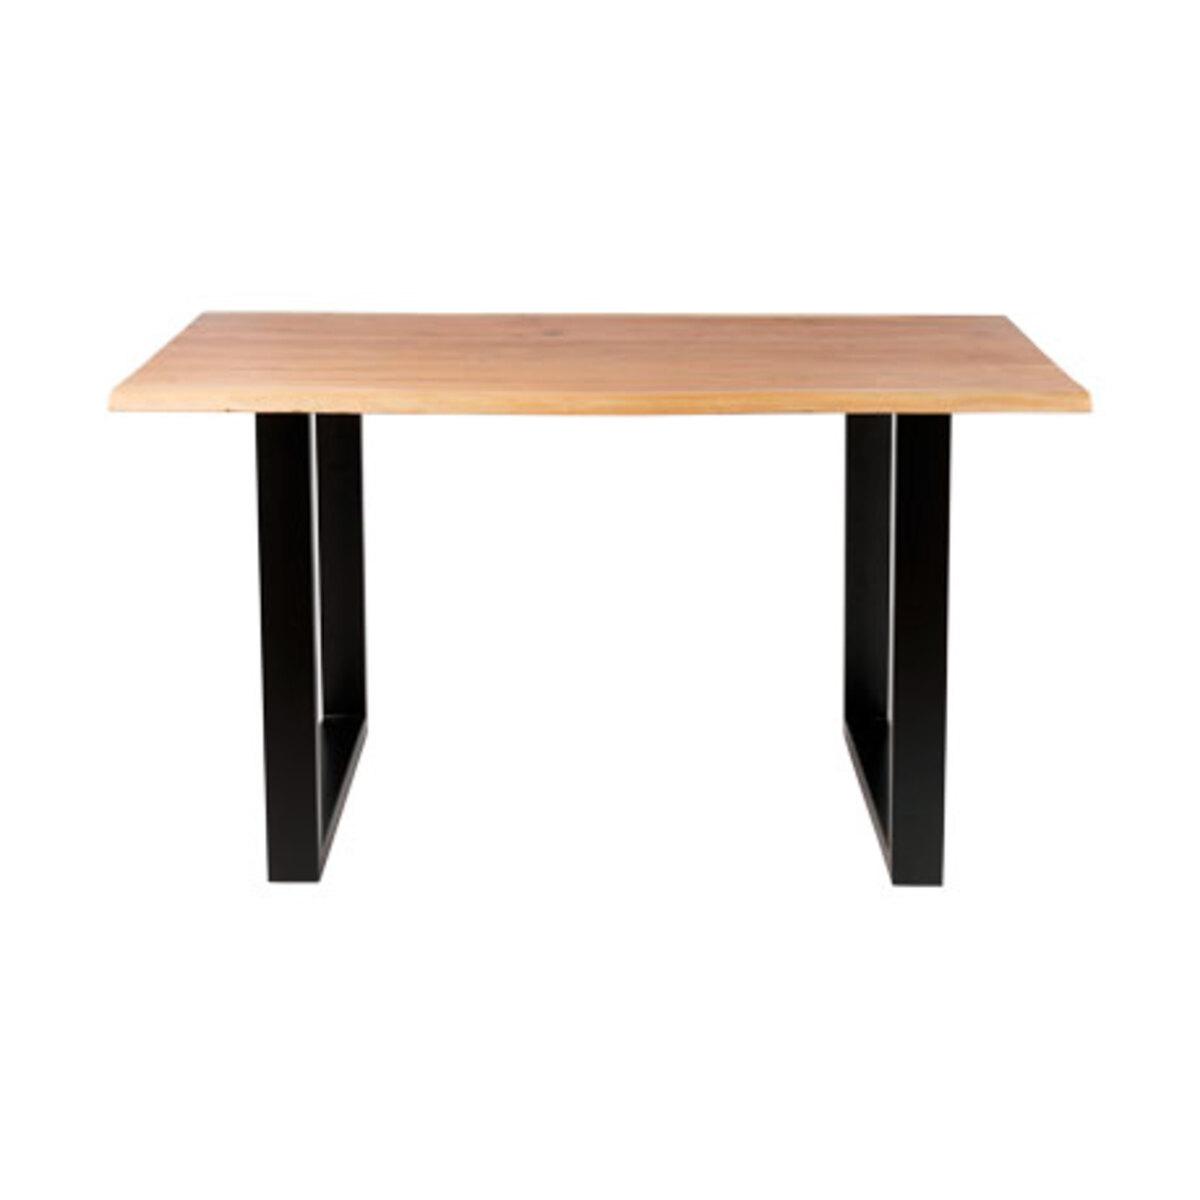 Bild 3 von Holztisch mit echter Baumkante, ca. 140cm1